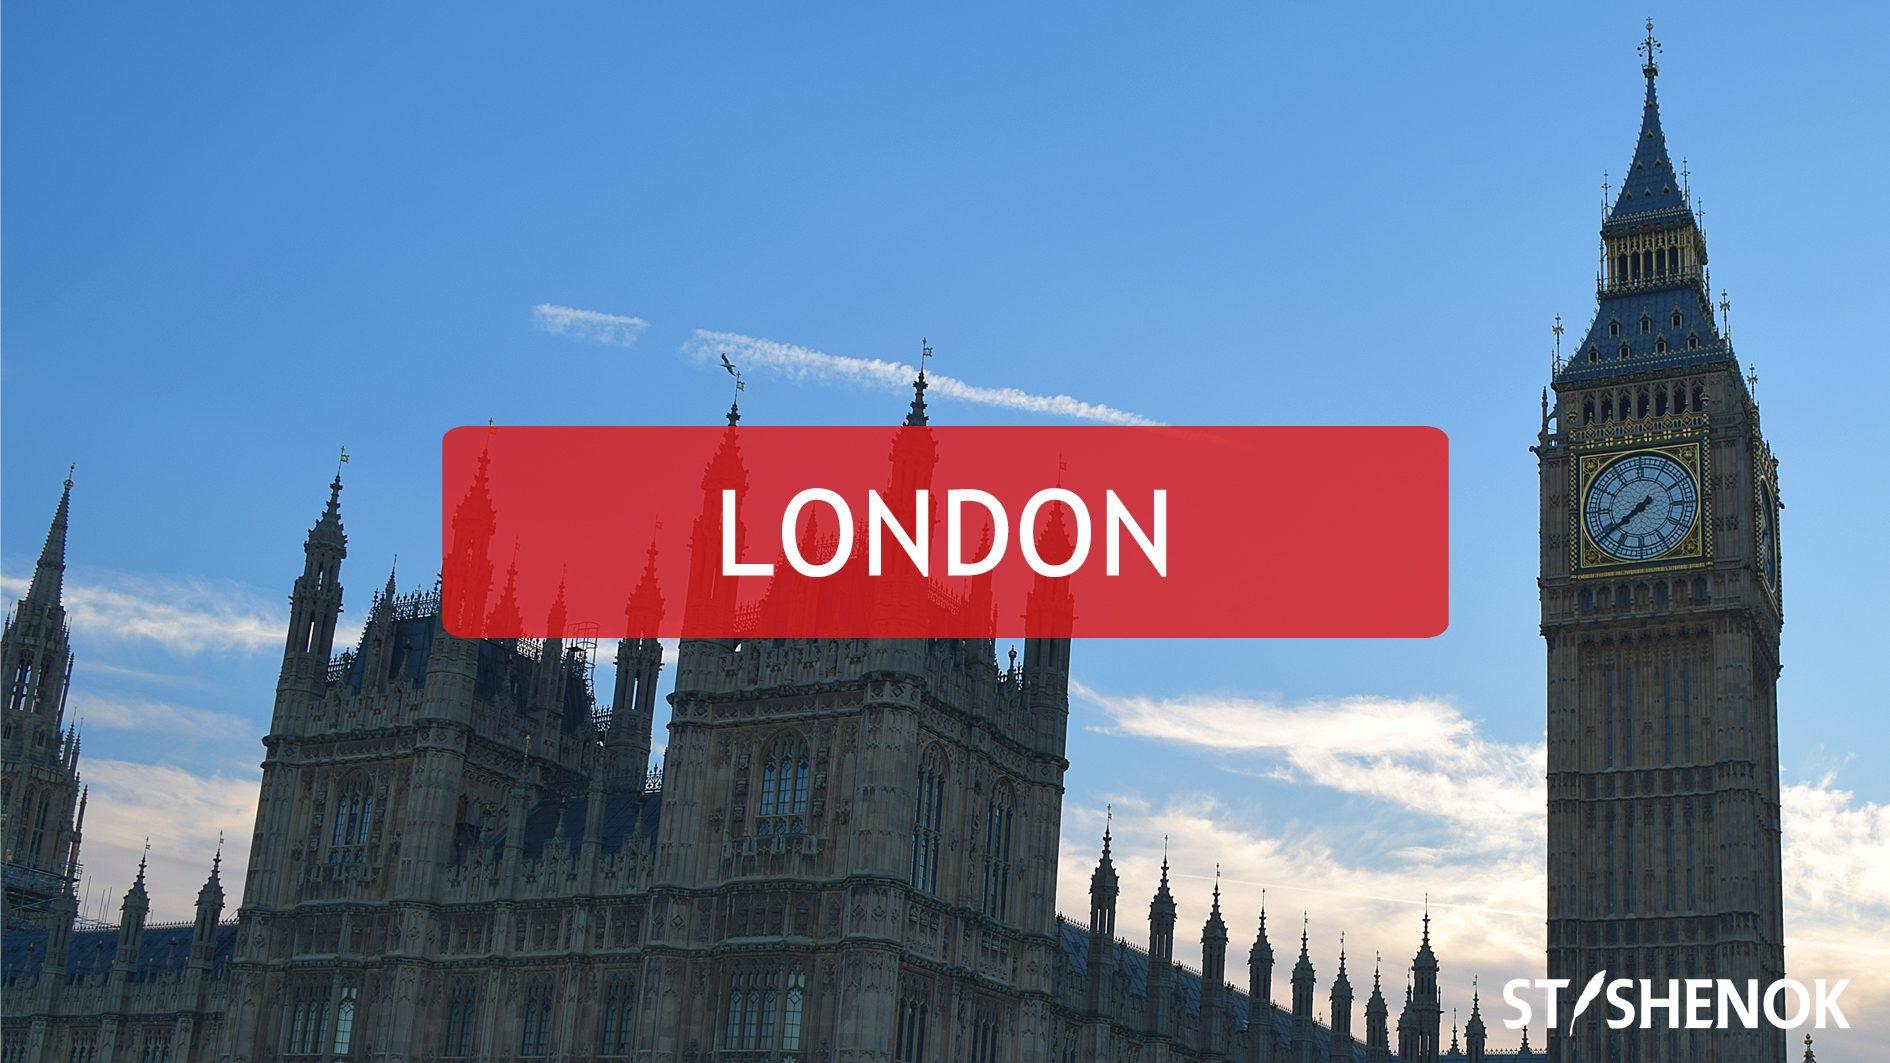 Семь дней в Англии. Часть 4. Лондон туристический